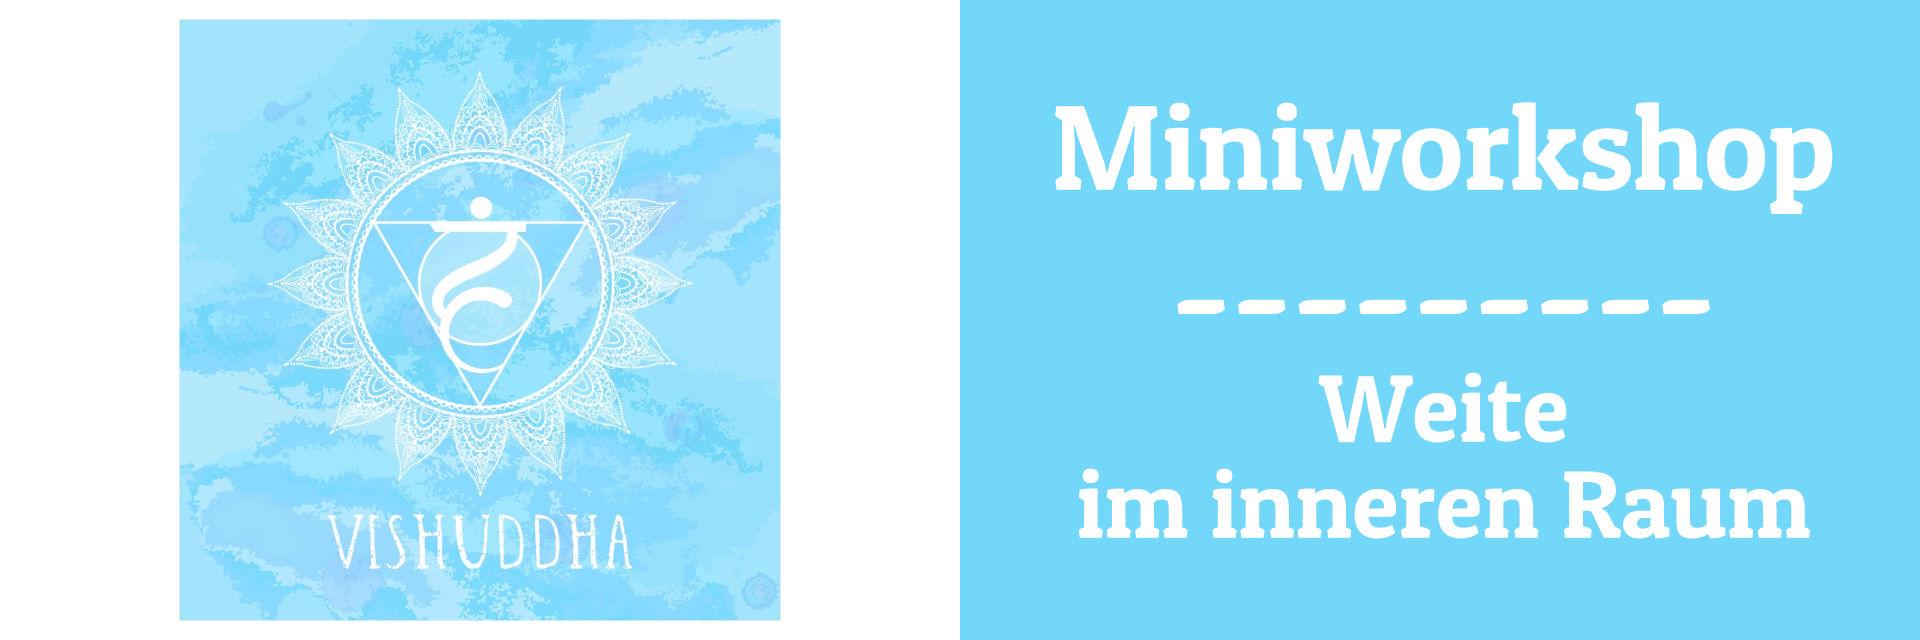 Miniworkshop Weite im inneren Raum